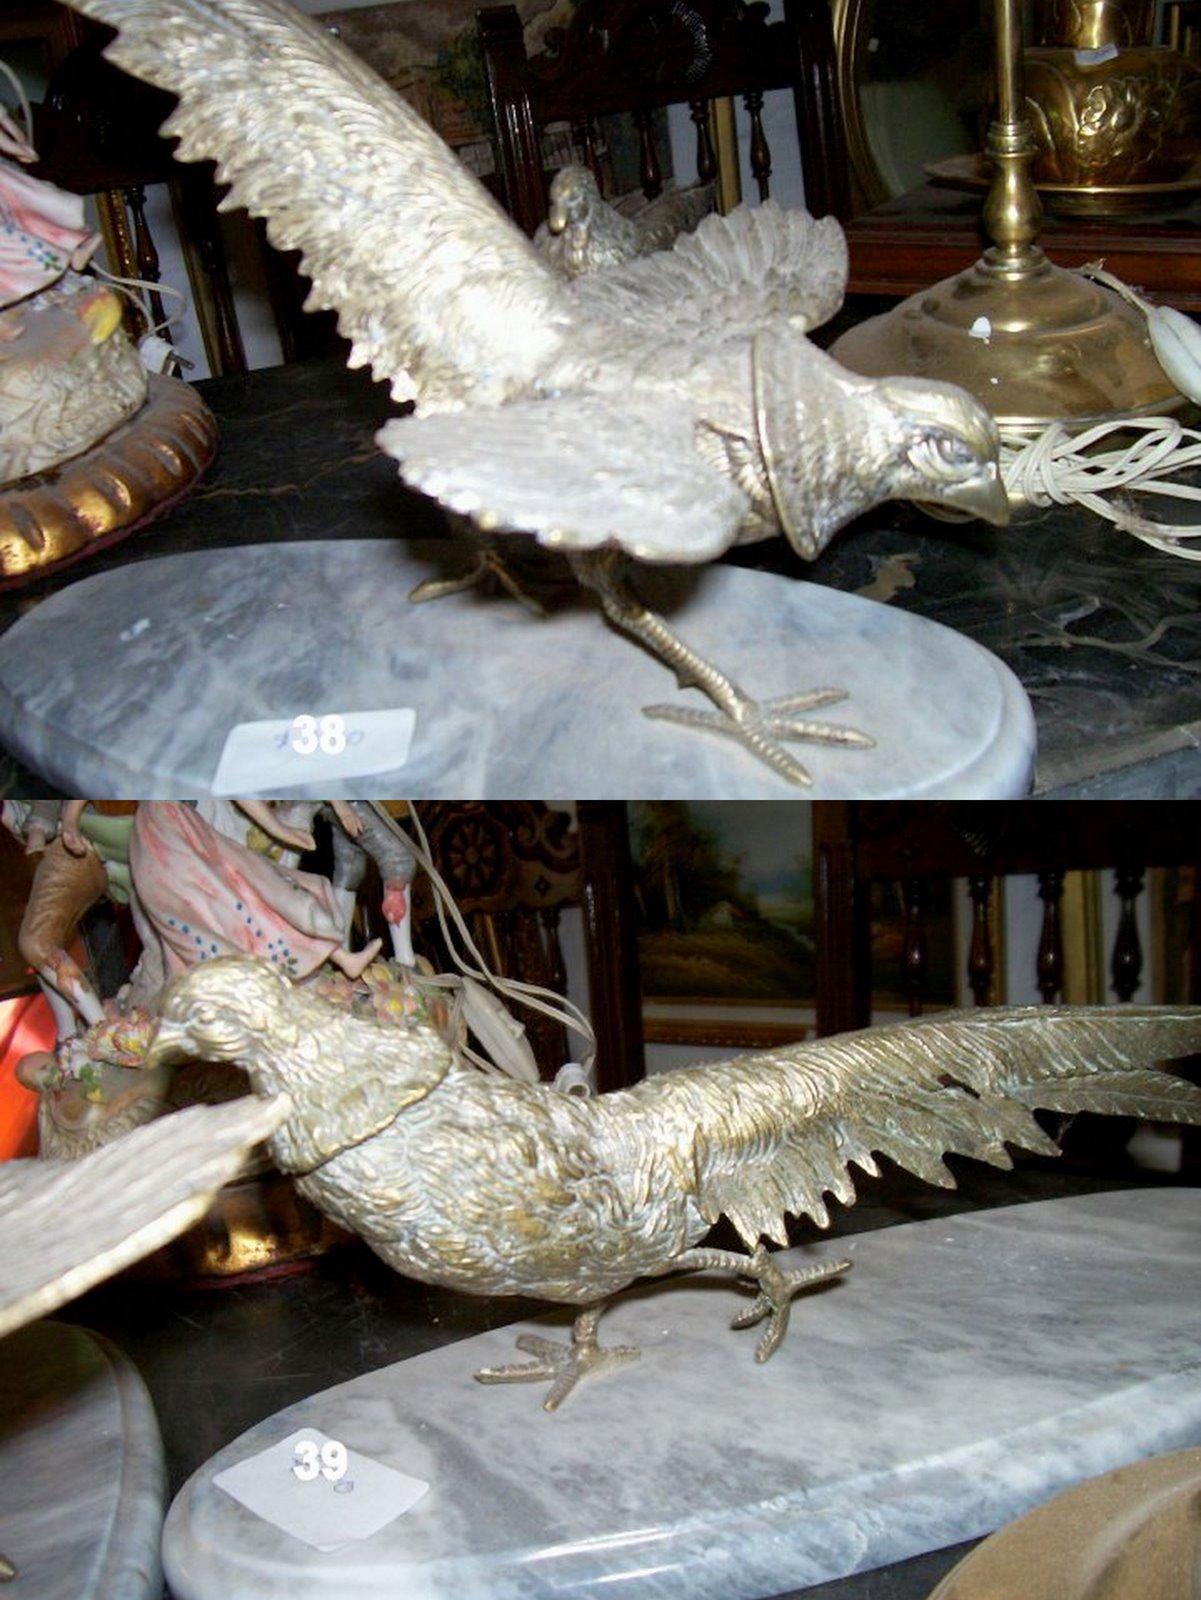 Antiguedades en cordoba argentina aves en bronce - Muebles antiguos cordoba ...